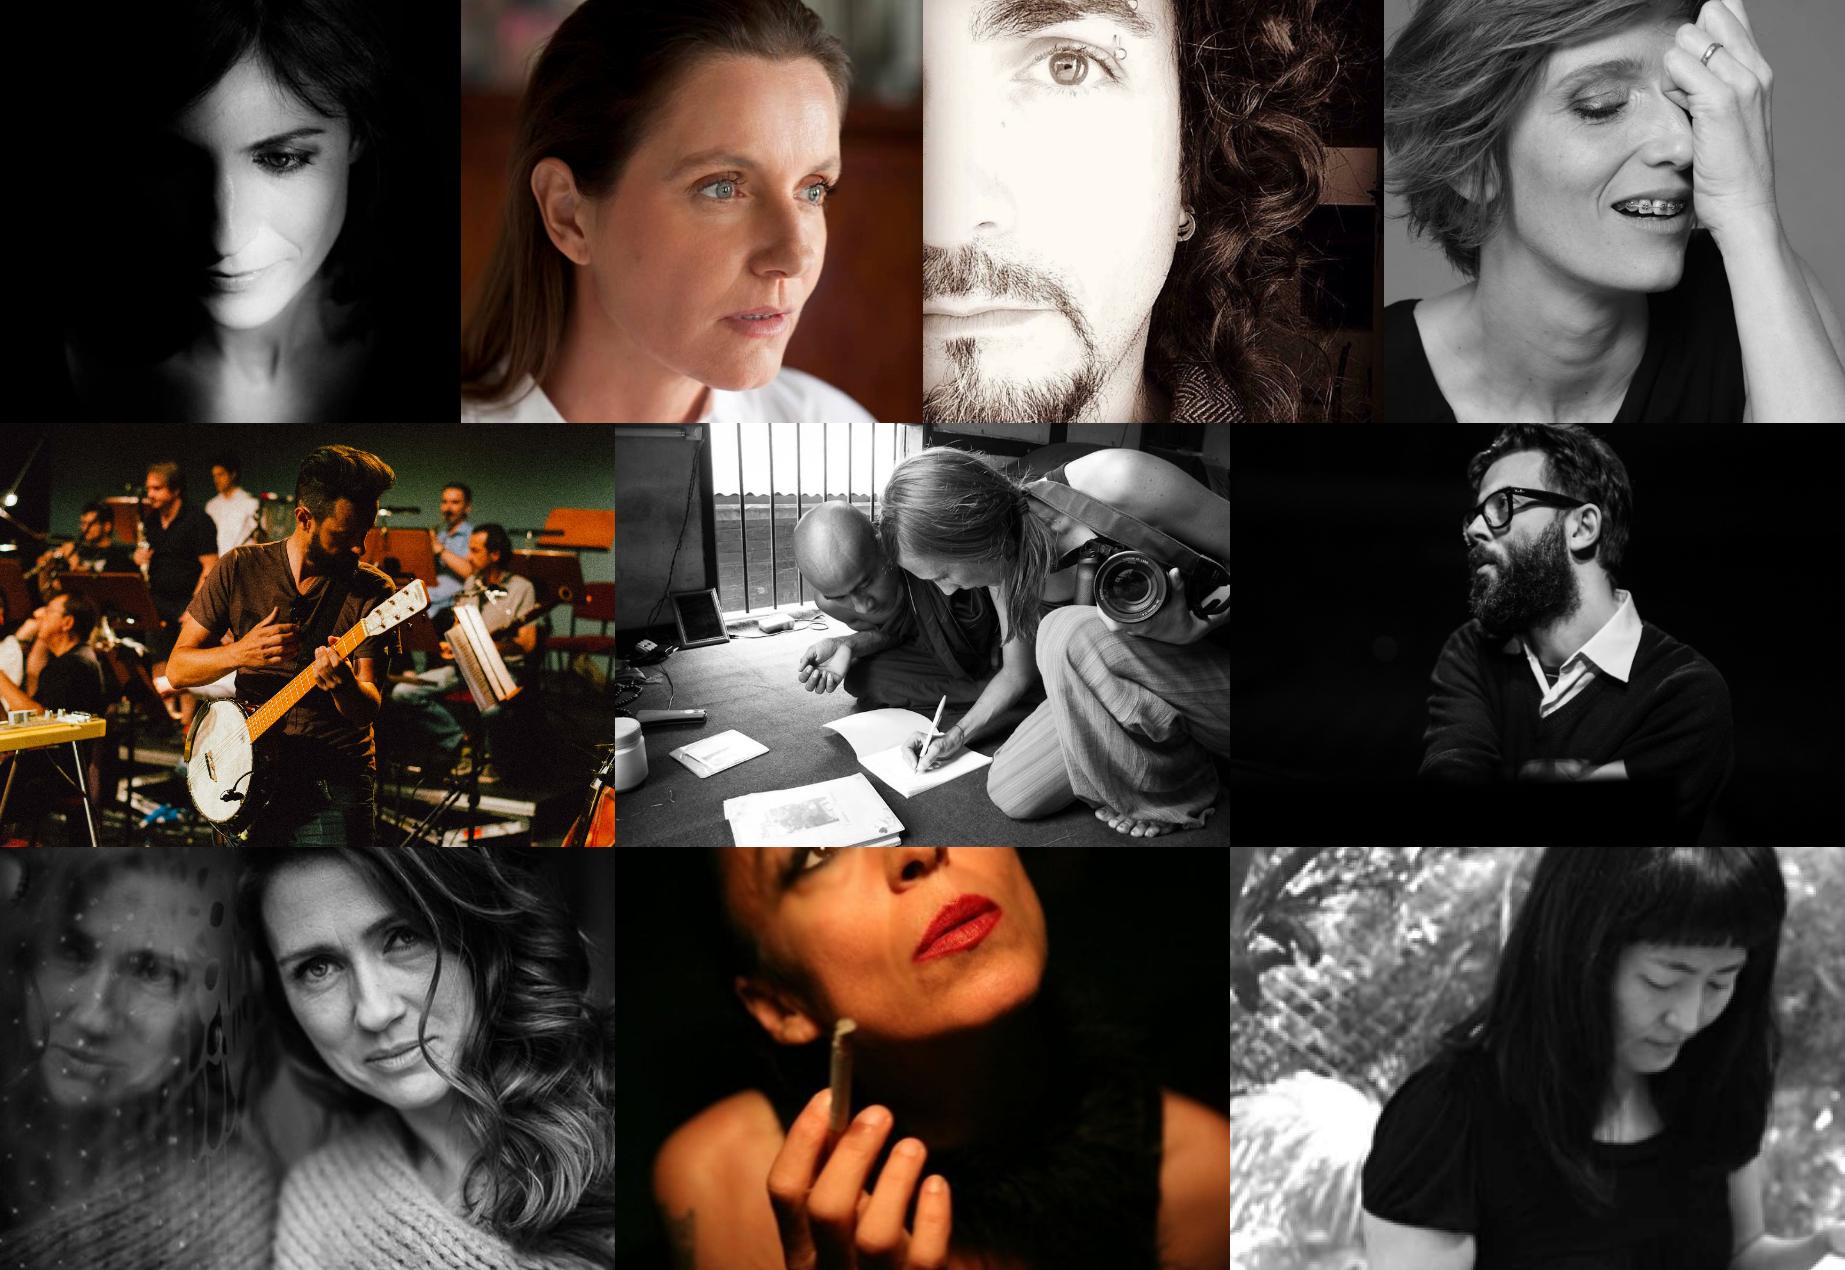 Fotografias retiradas da internet/perfis facebook dos protagonistas